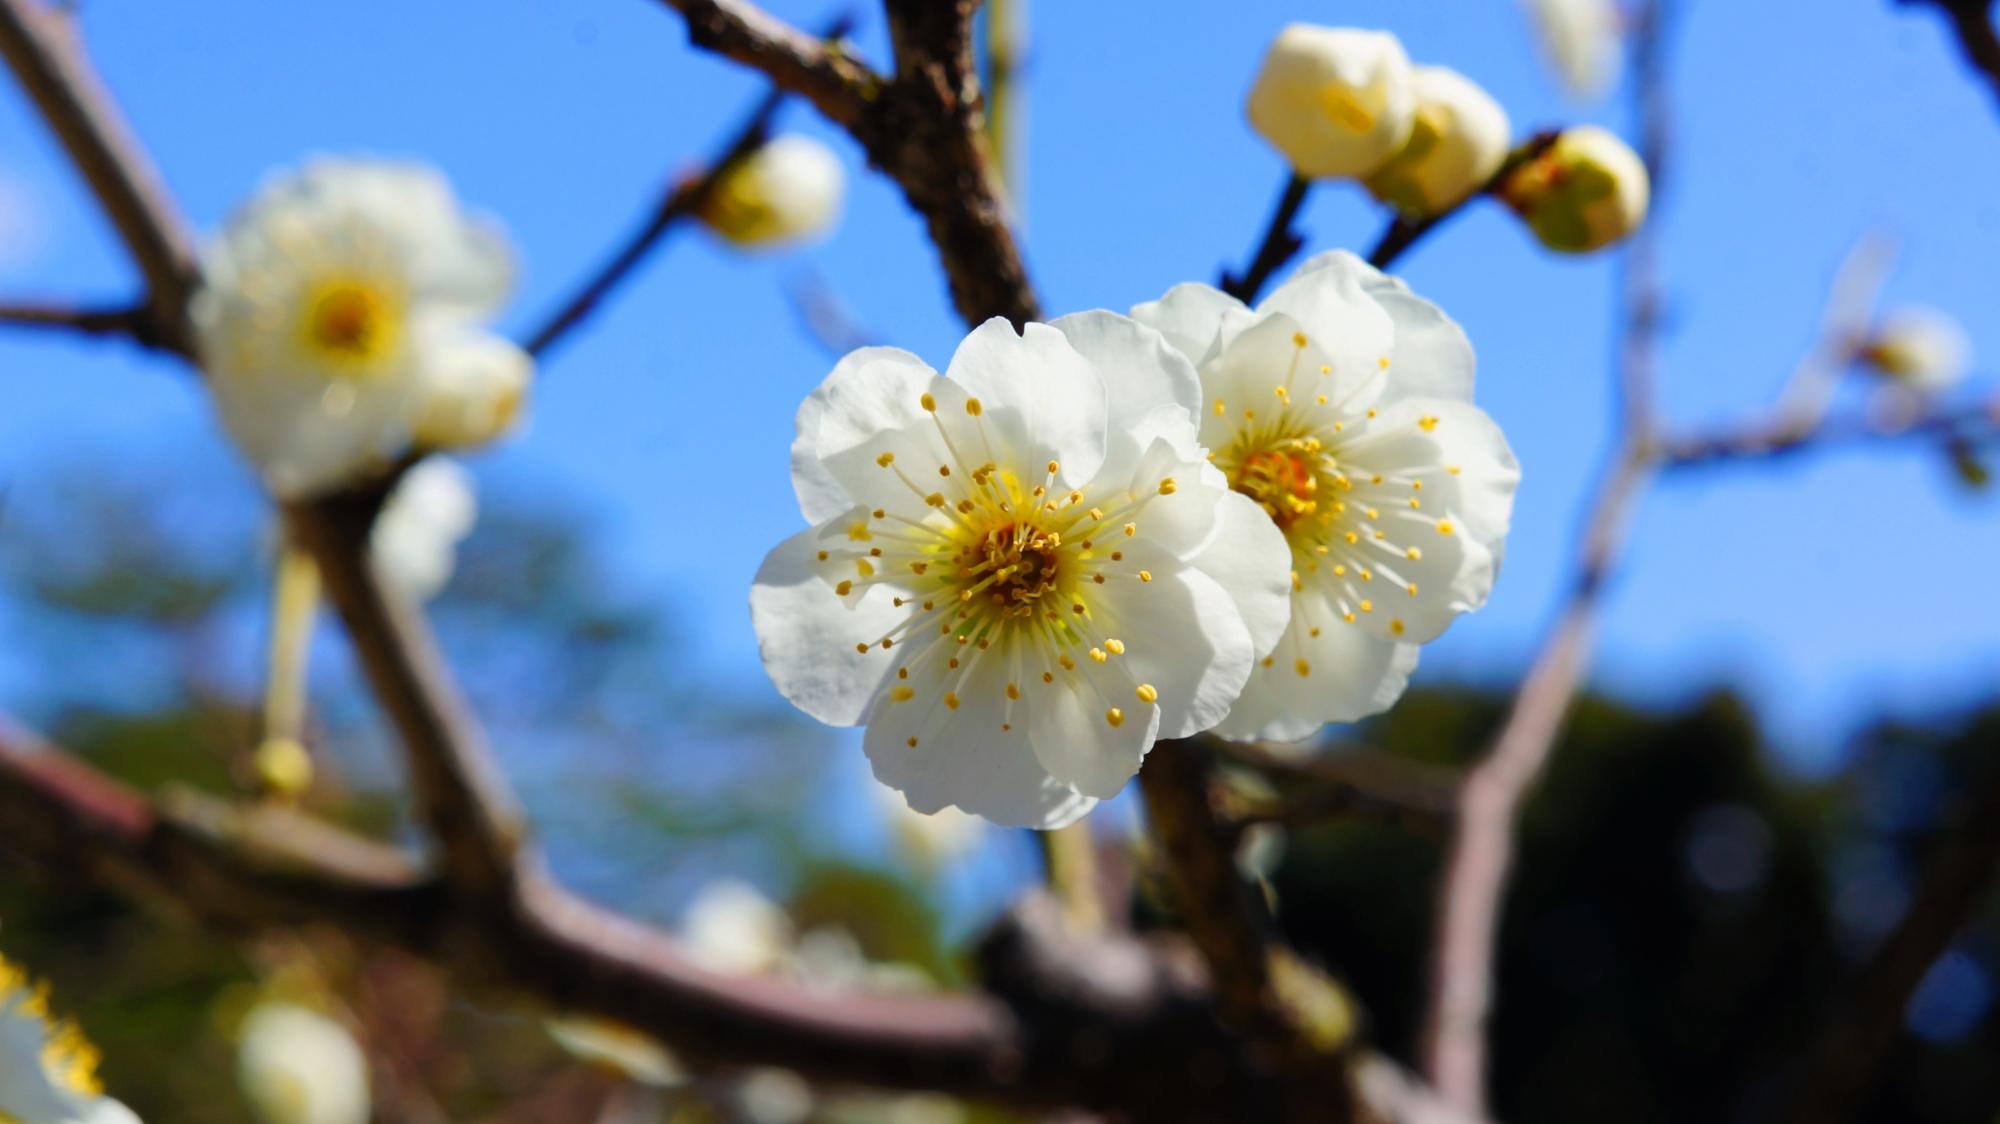 梅宮大社の春先の華やかな彩り